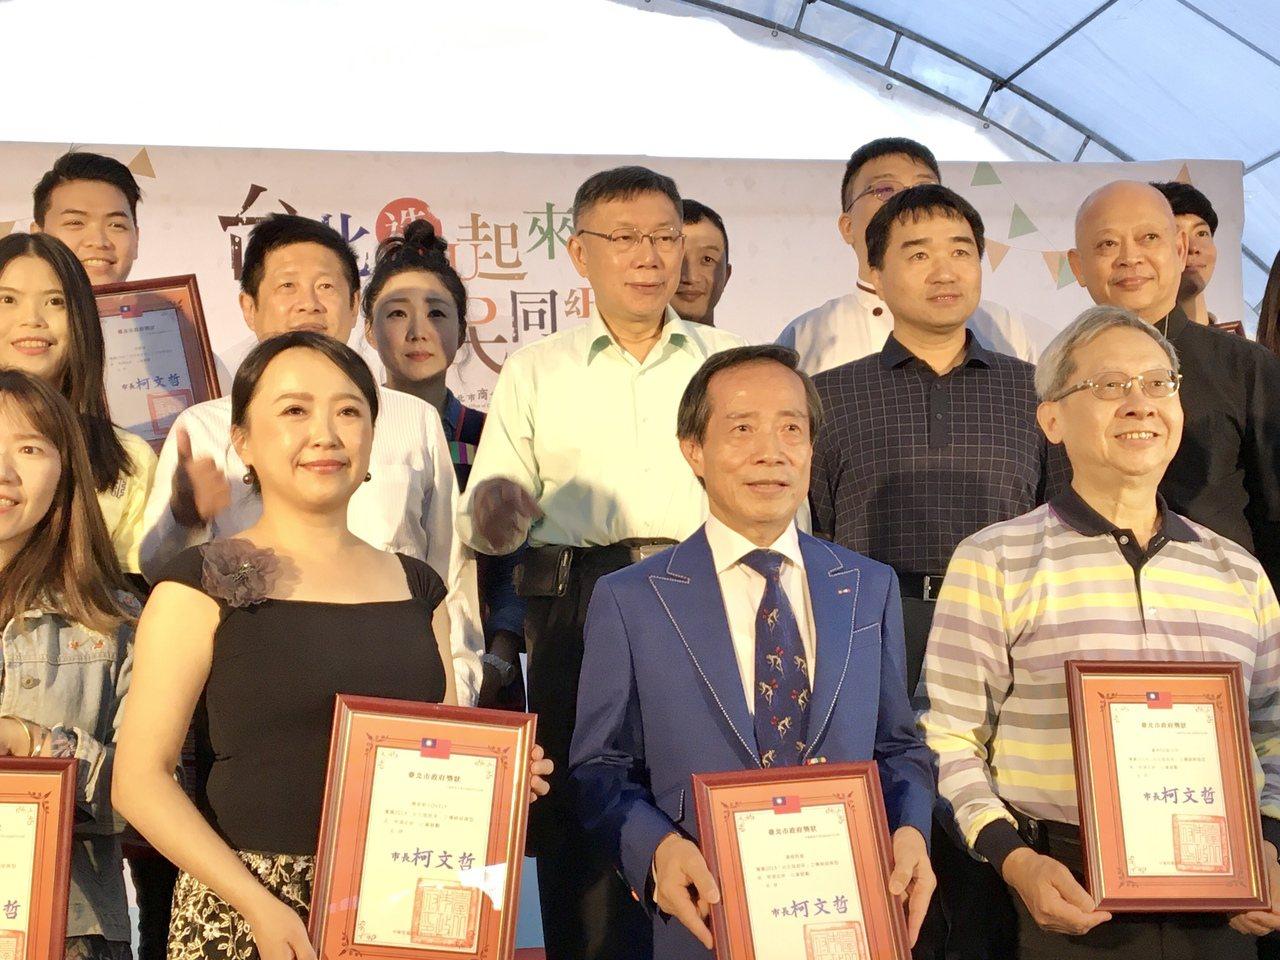 台北市长柯文哲下午出席「台北造起来市民同乐会」,颁发给各店家辅导证书。记者郭颐/...